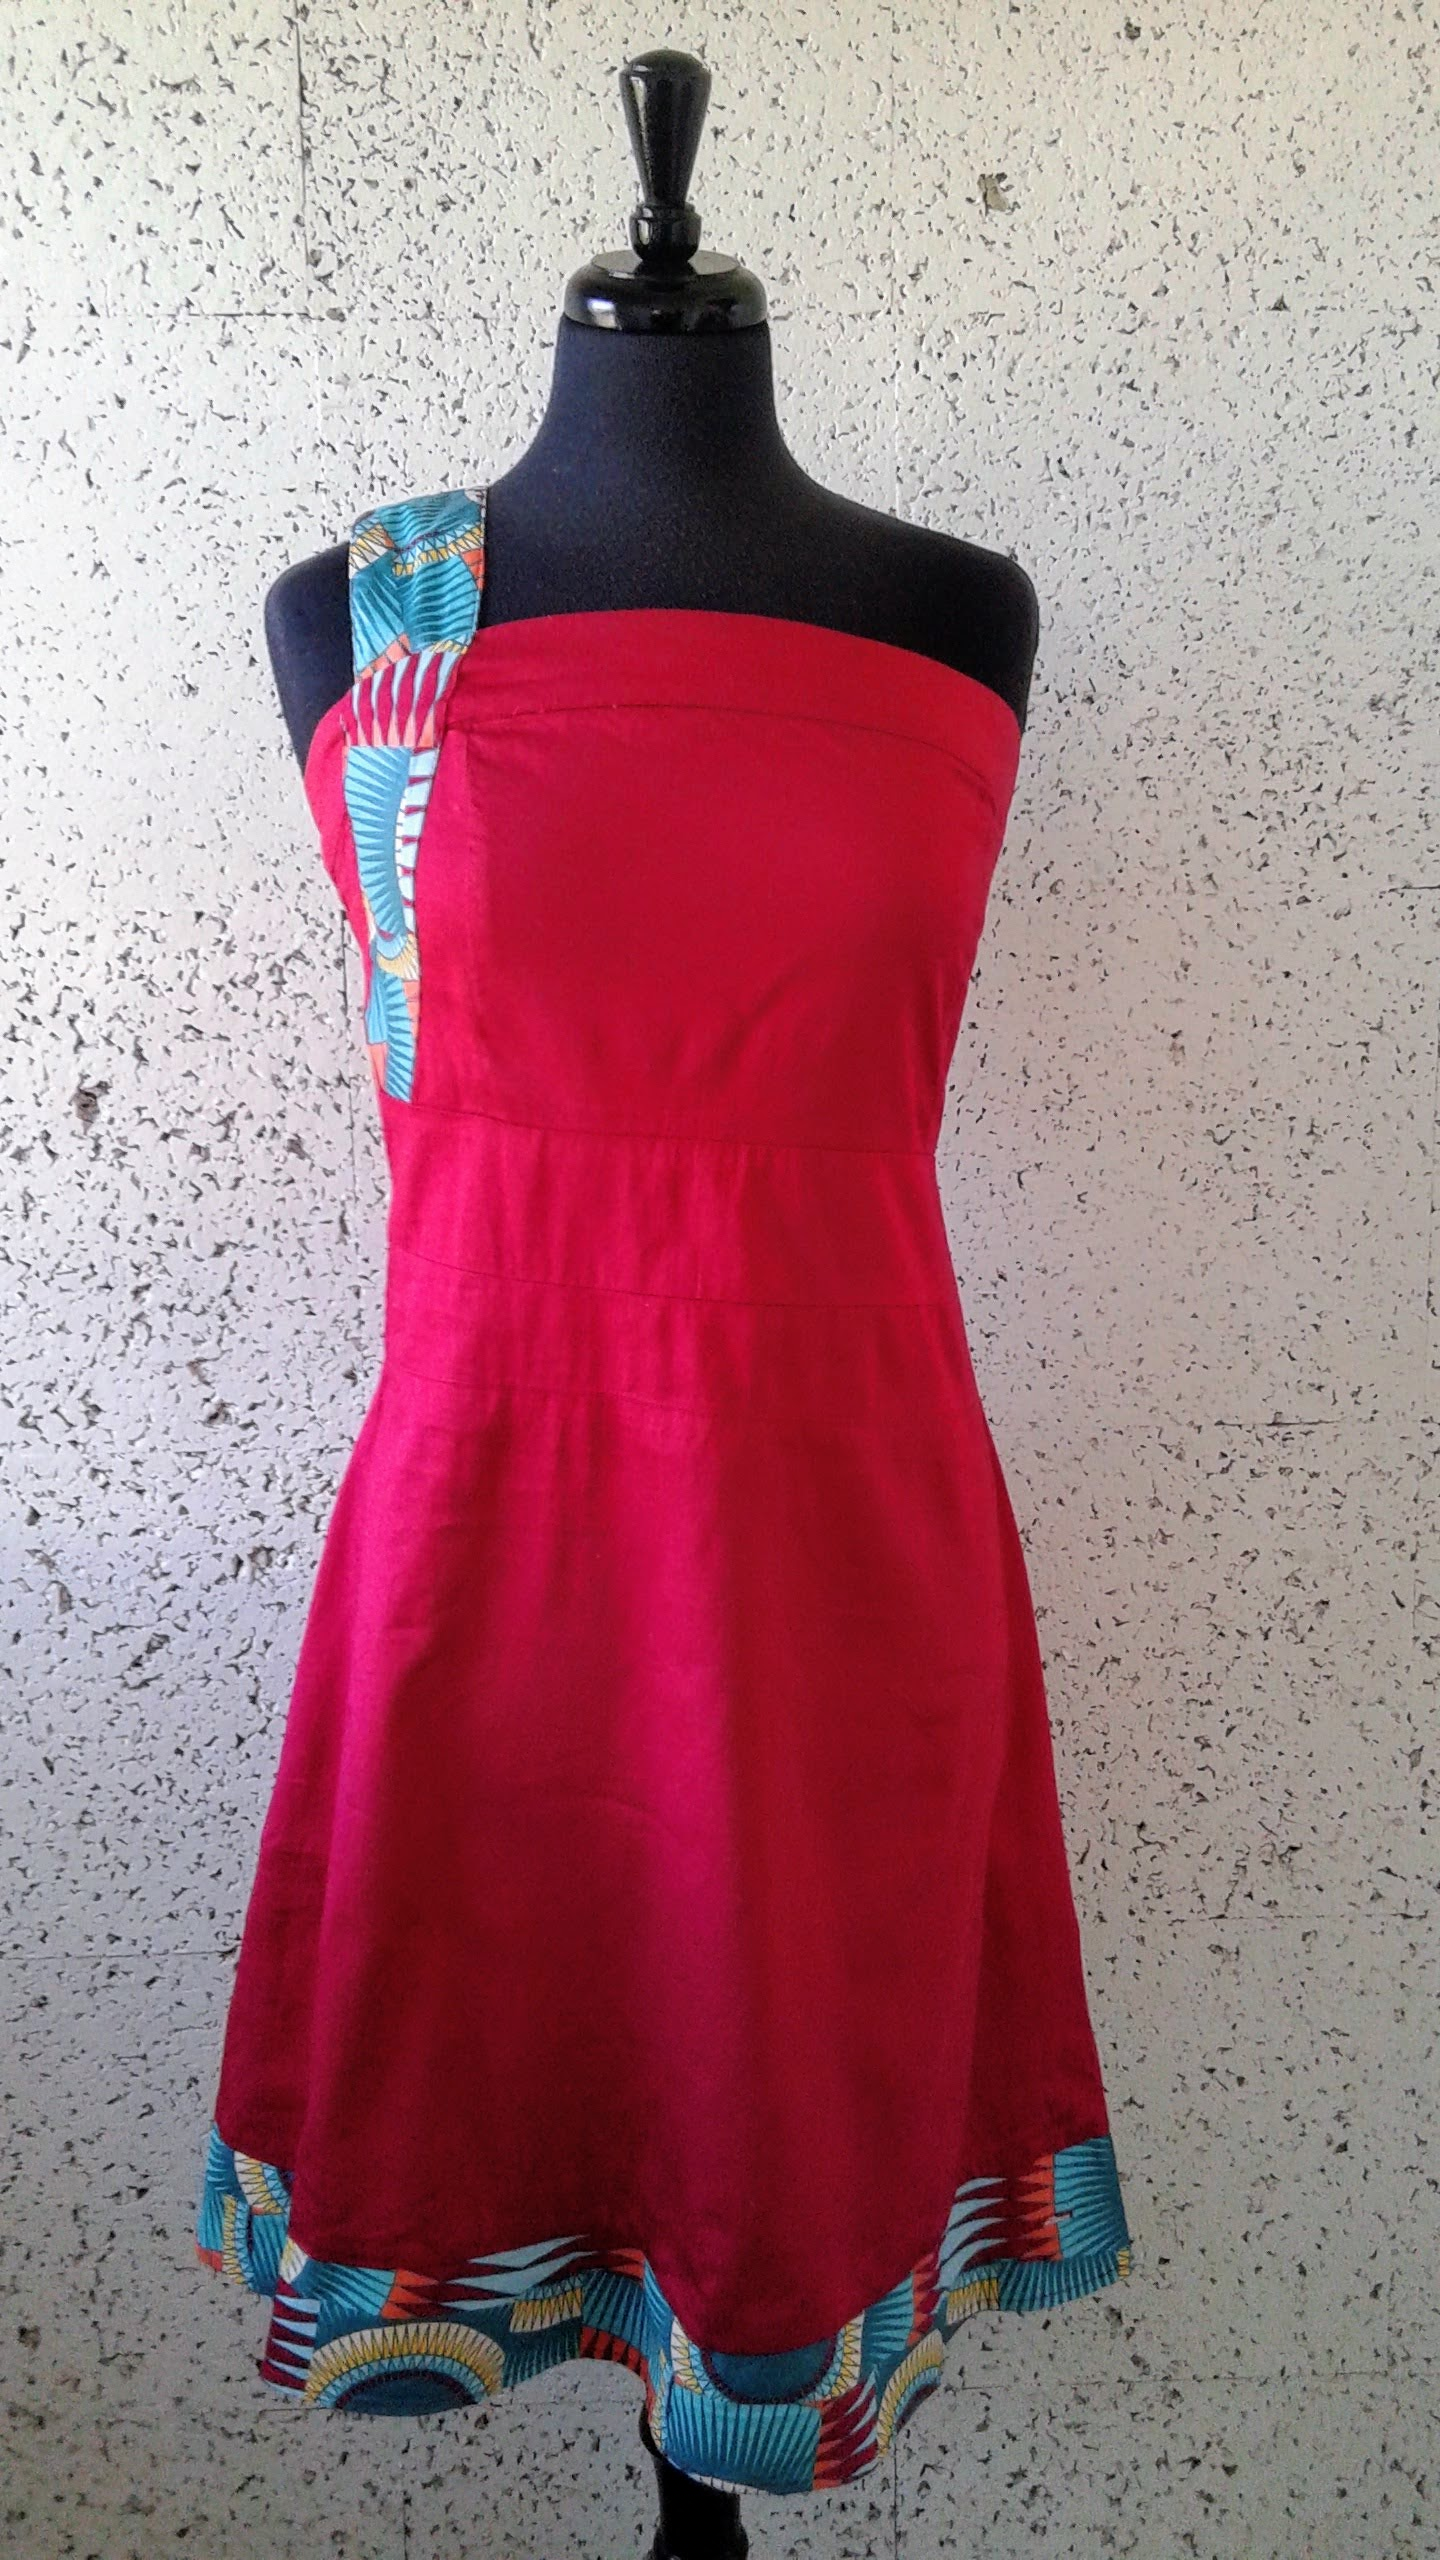 Skunkfunk dress; Size M, $32